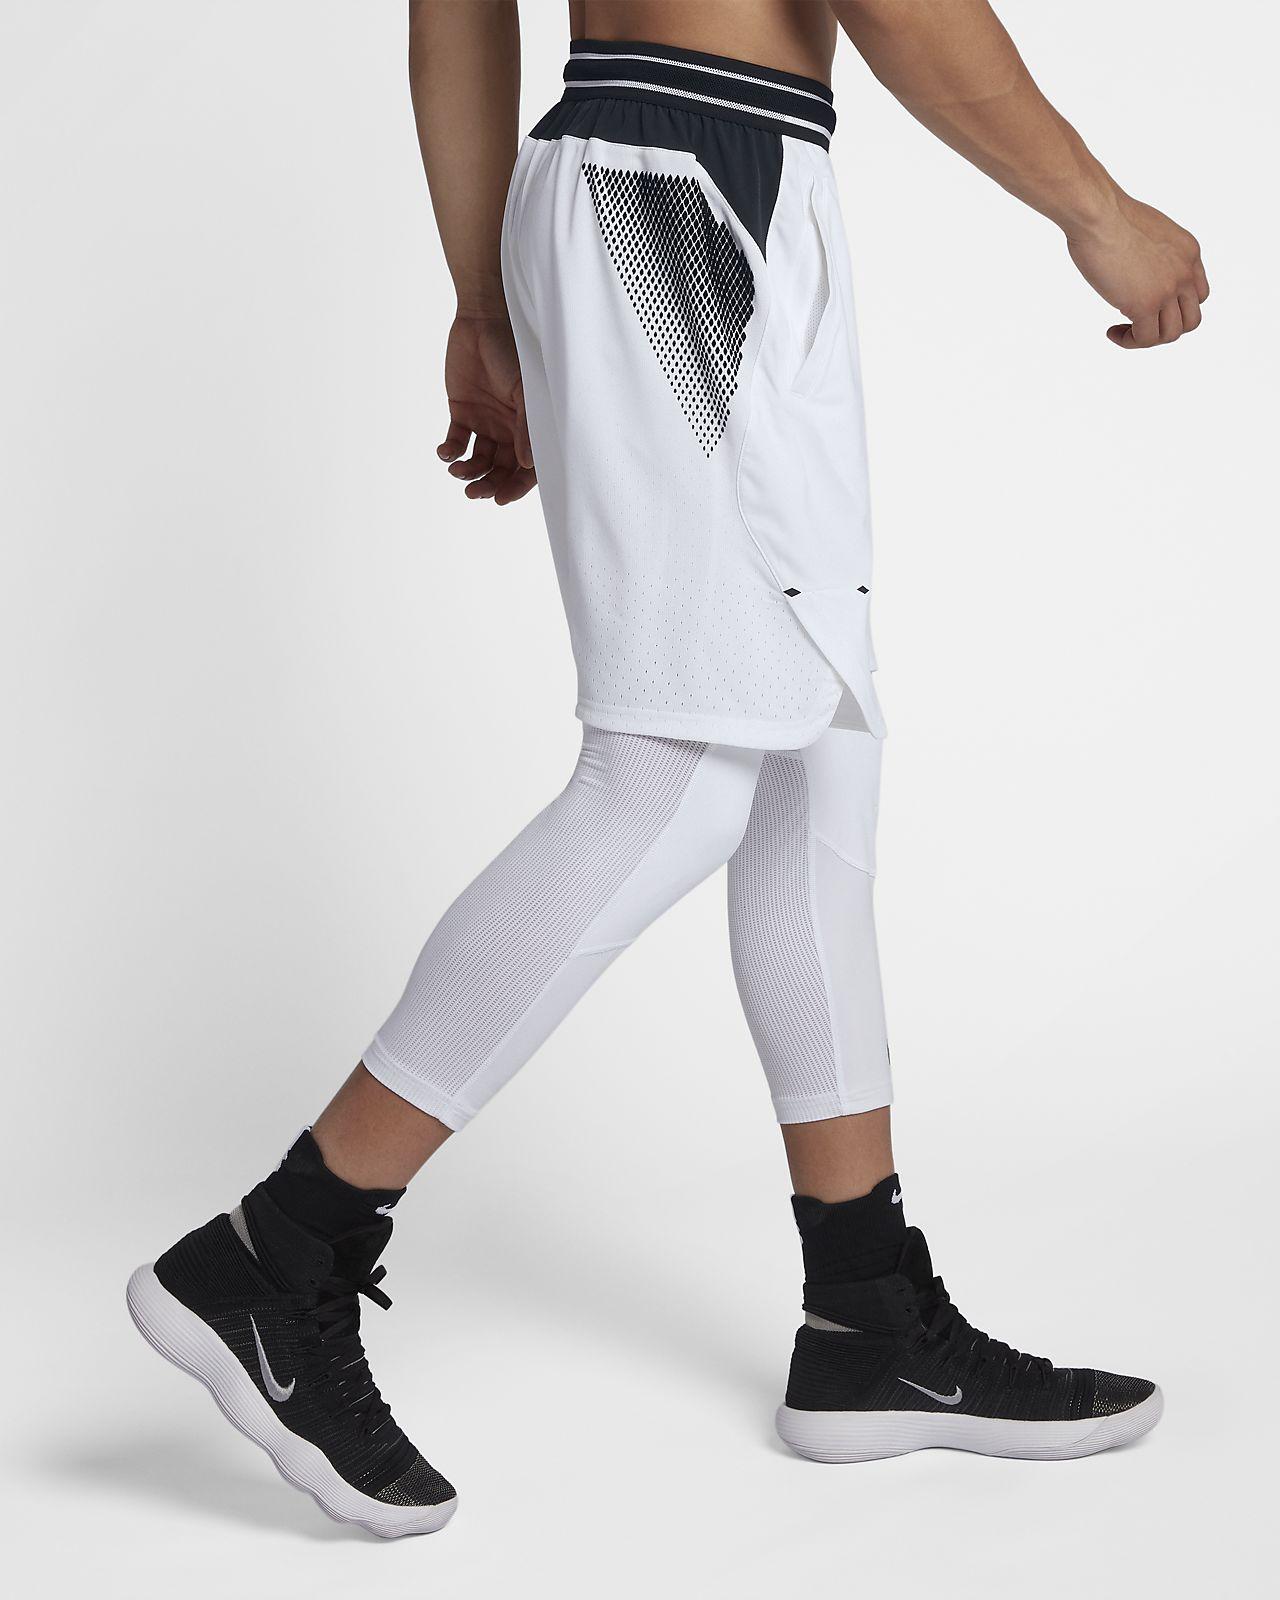 61828508b0f5 Basketball Shorts Nike AeroSwift Men s 9